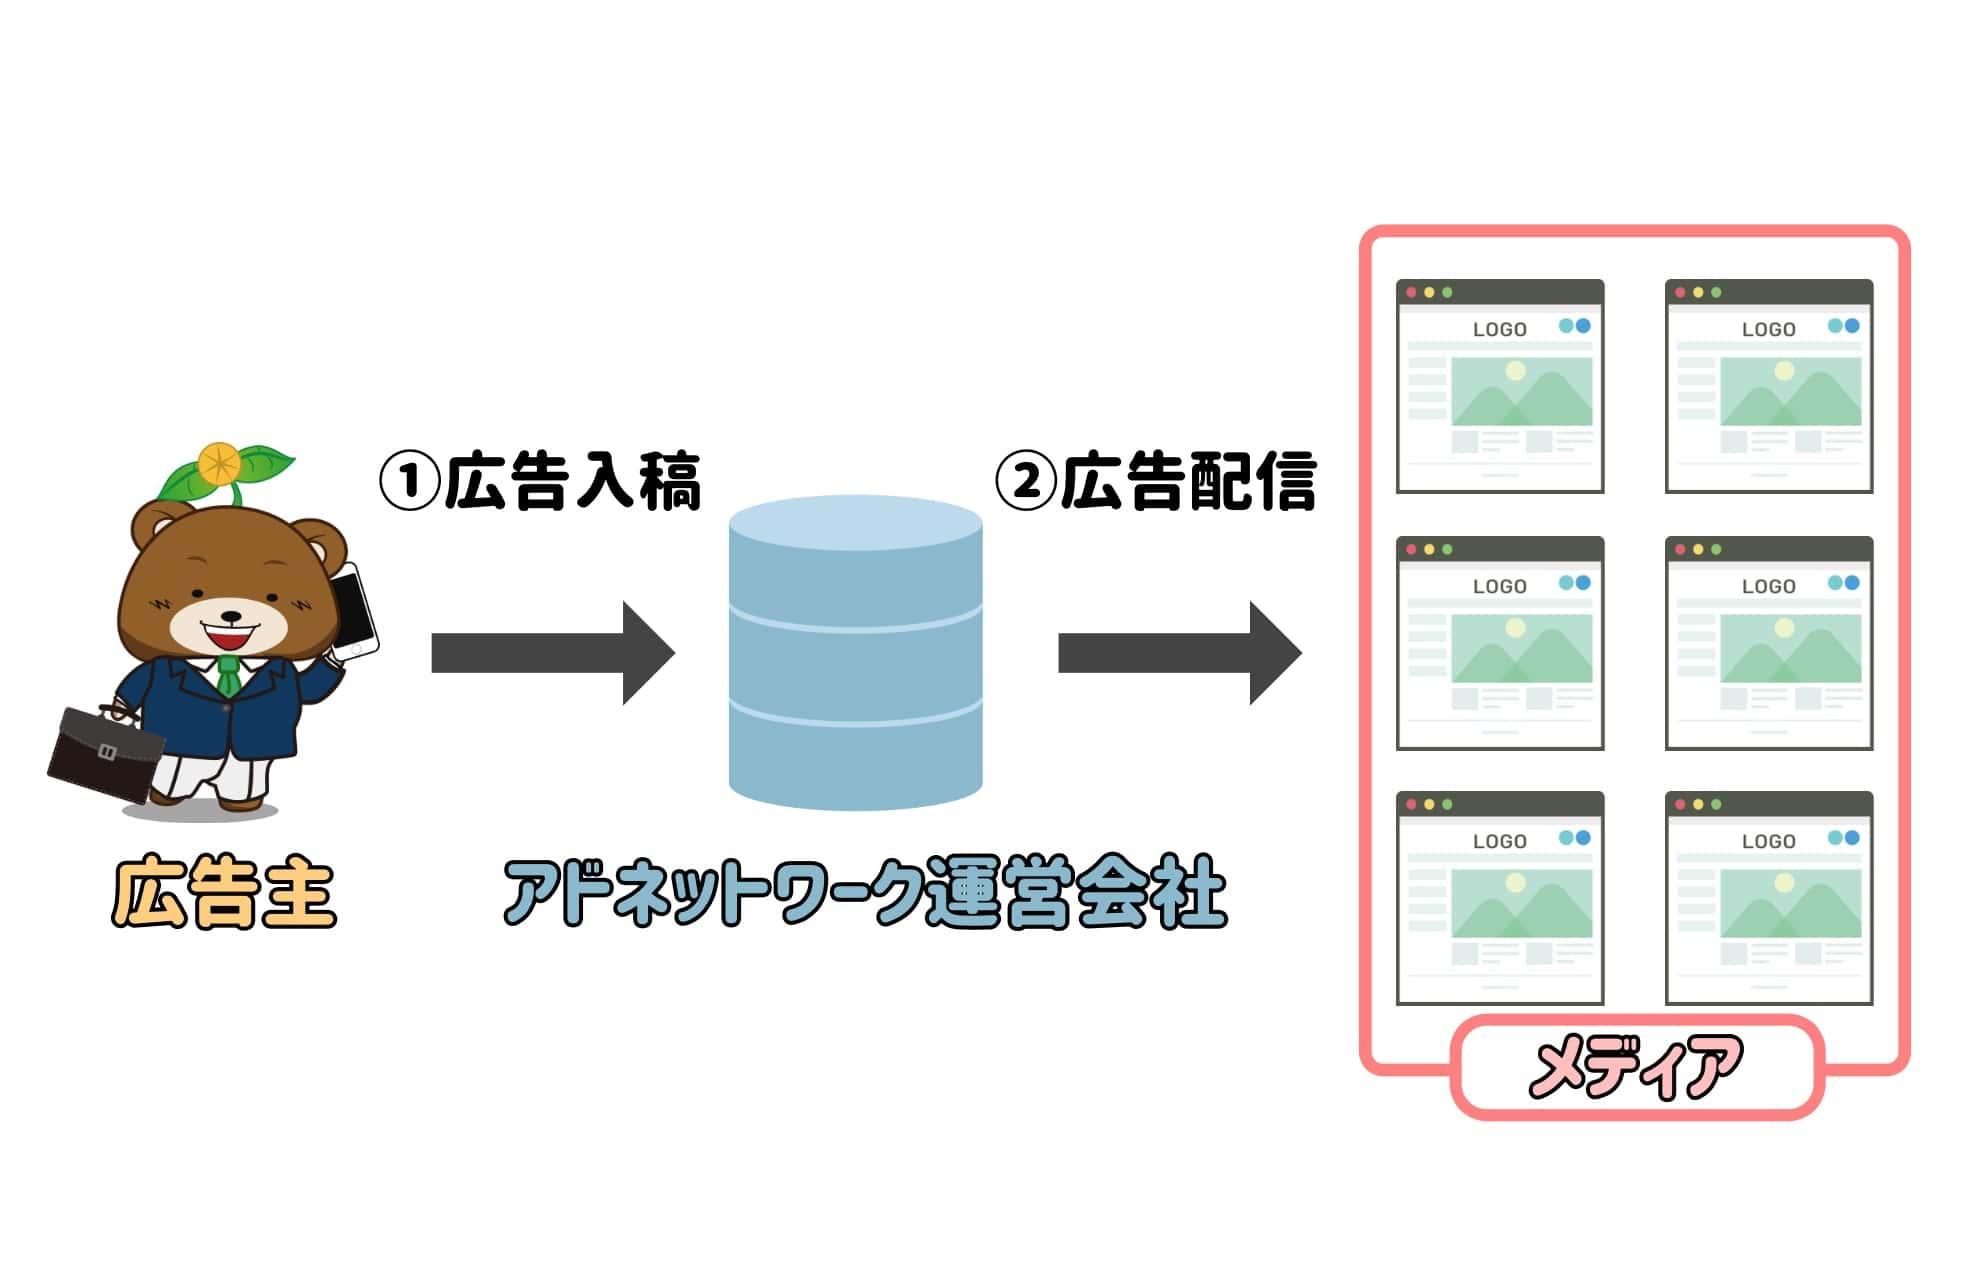 アドネットワーク仕組み図形